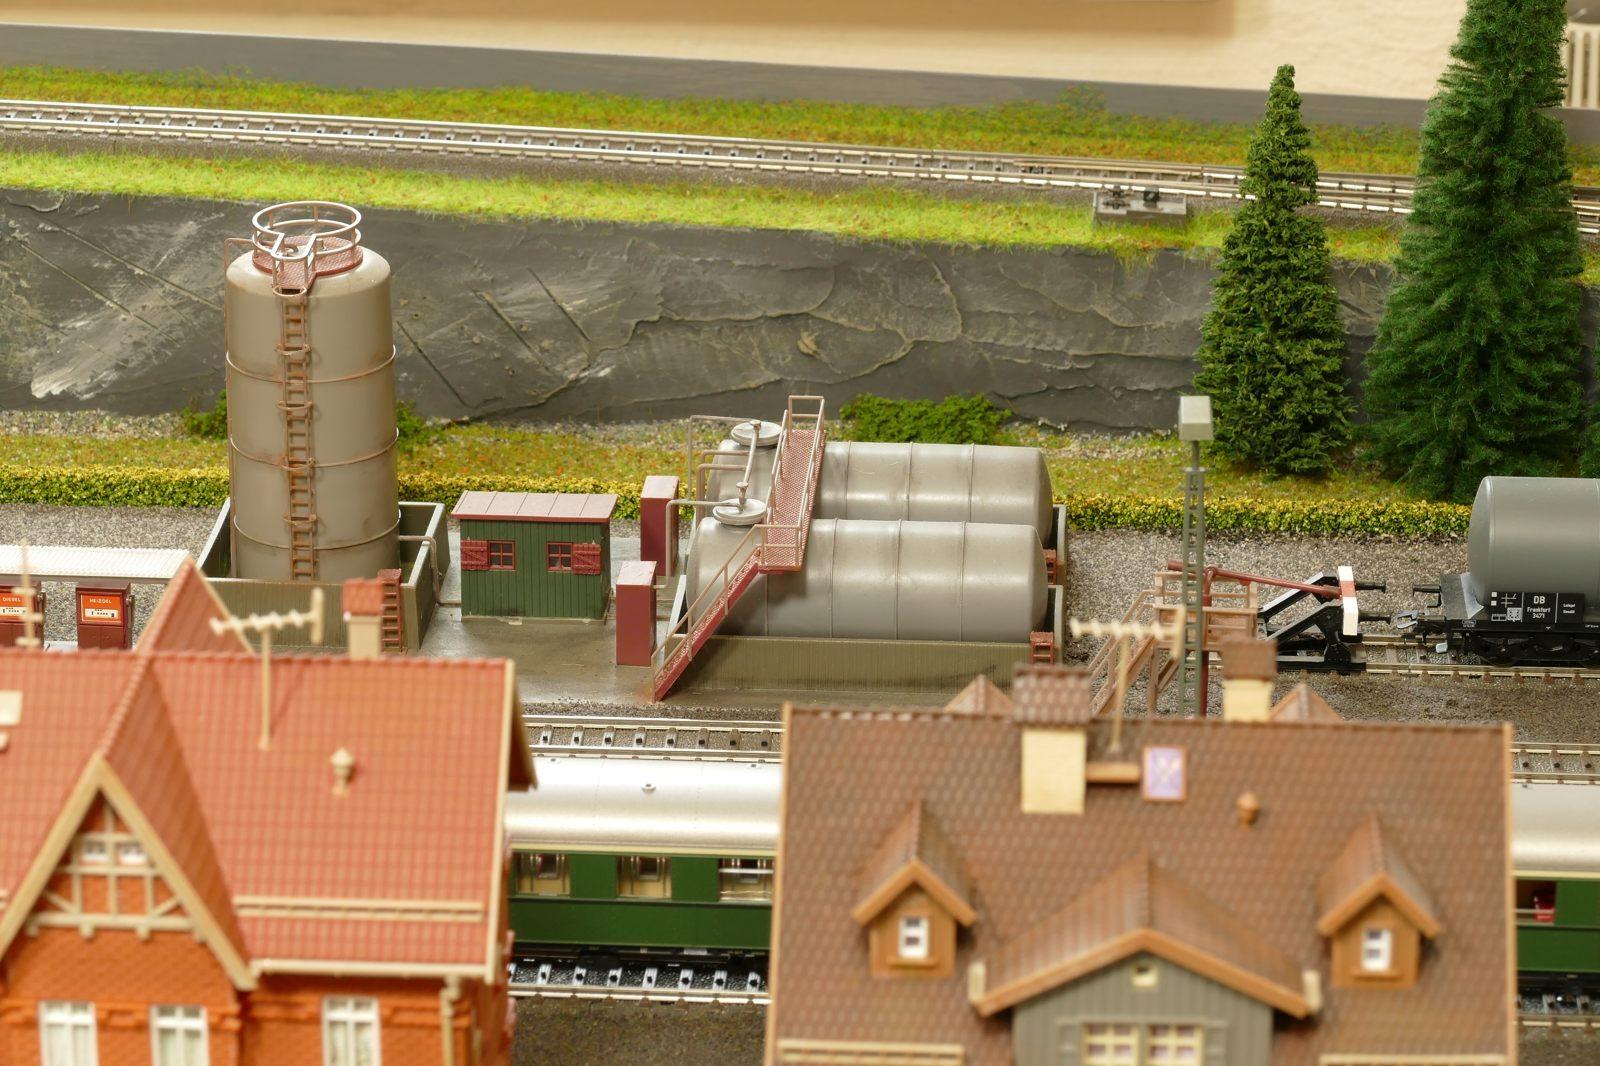 Tankanlagen für ölgefeuerte Dampfloks der BR 41 und 44